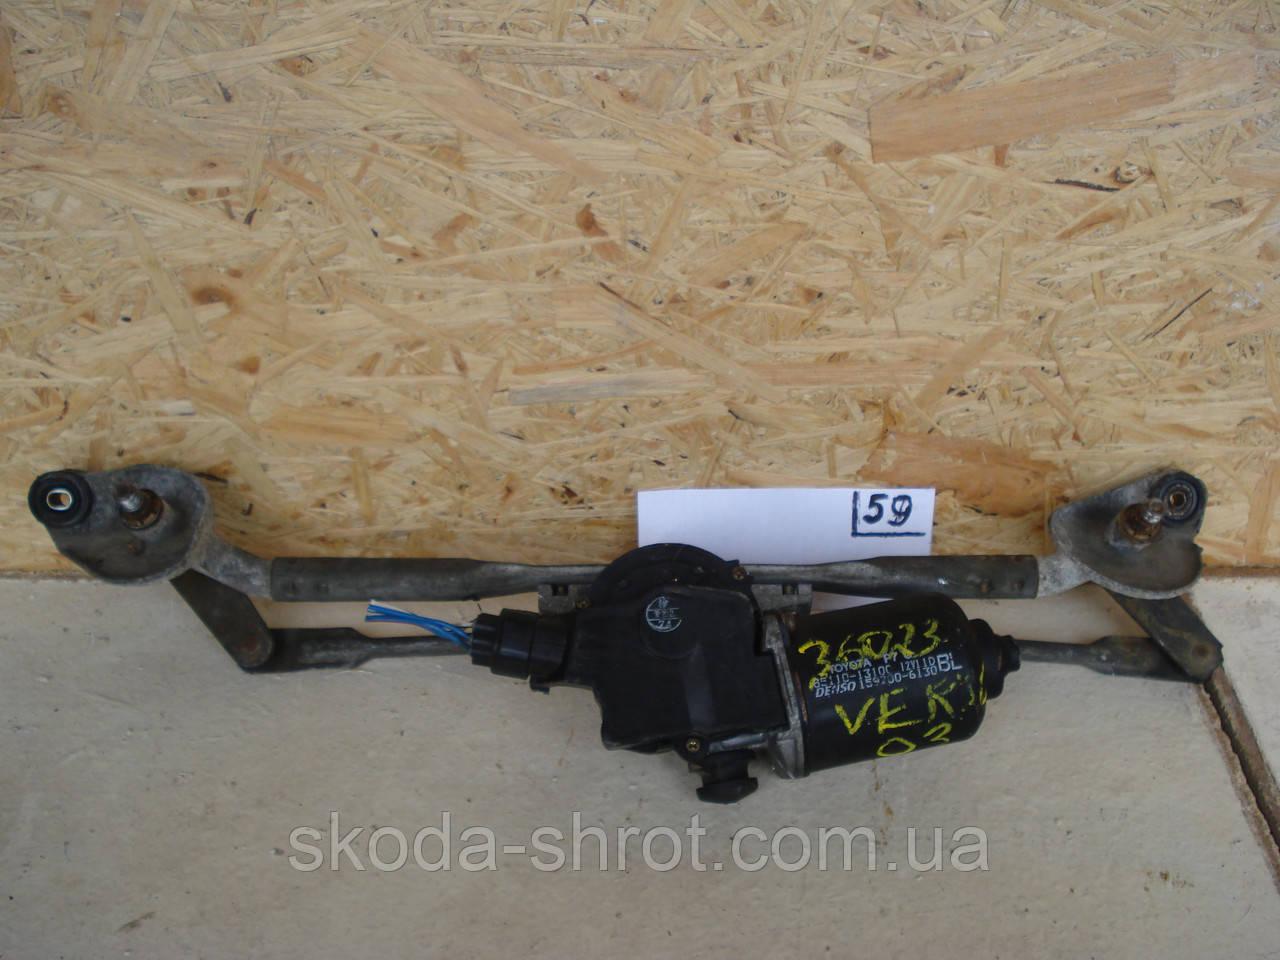 85110-0F020 Механизм моторчик переднего стеклоочистителя  Toyota Verso (2009- 201...)85110-13100